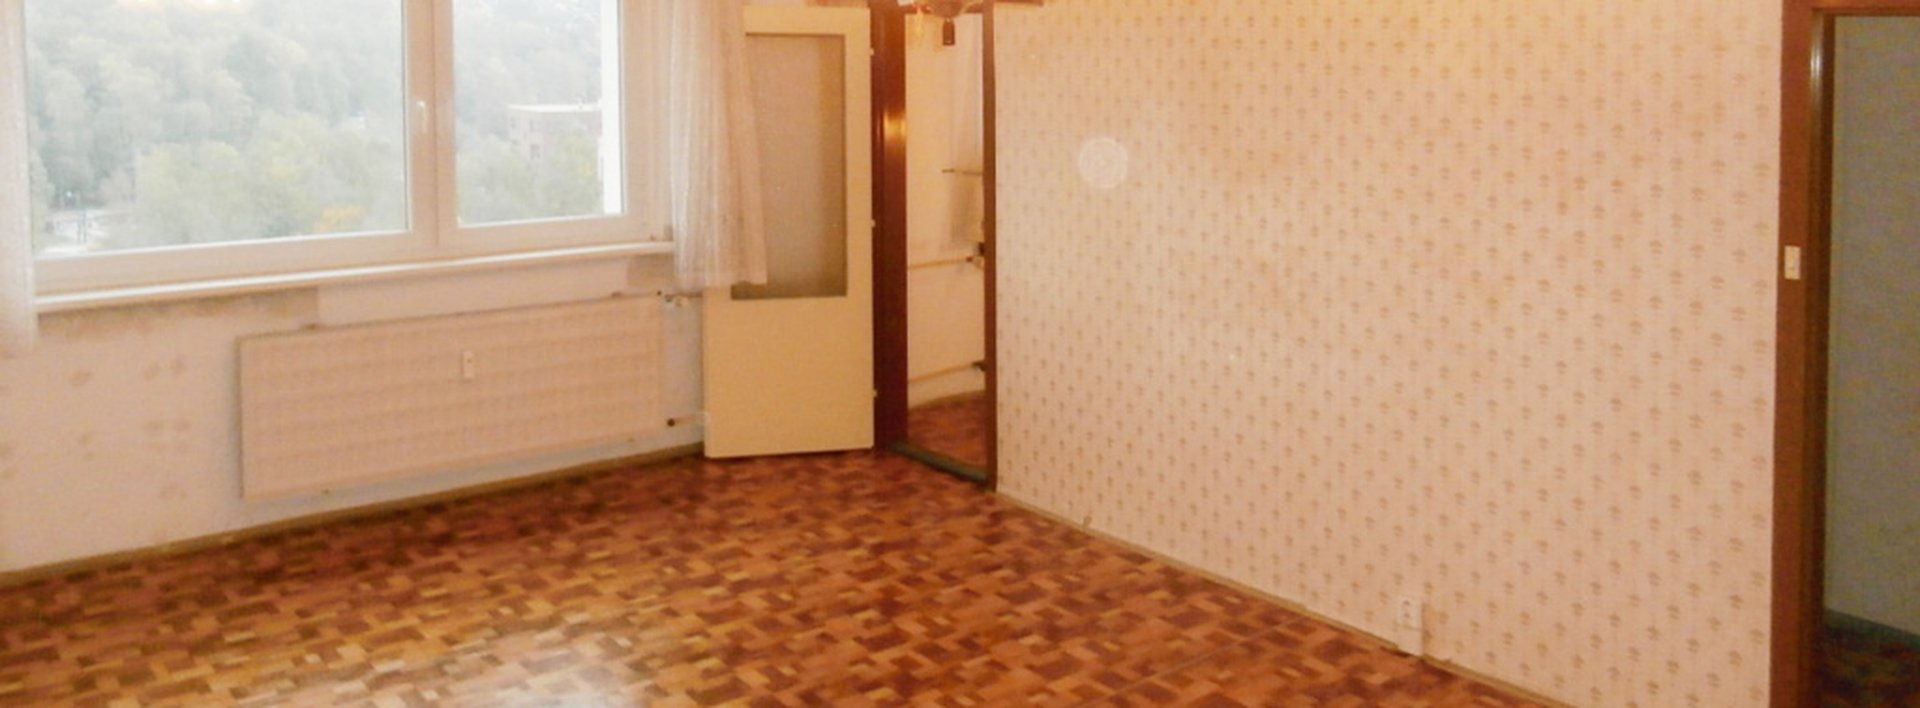 Prodej prostorného světlého bytu 1+1, 40m2, Ev.č.: N47452